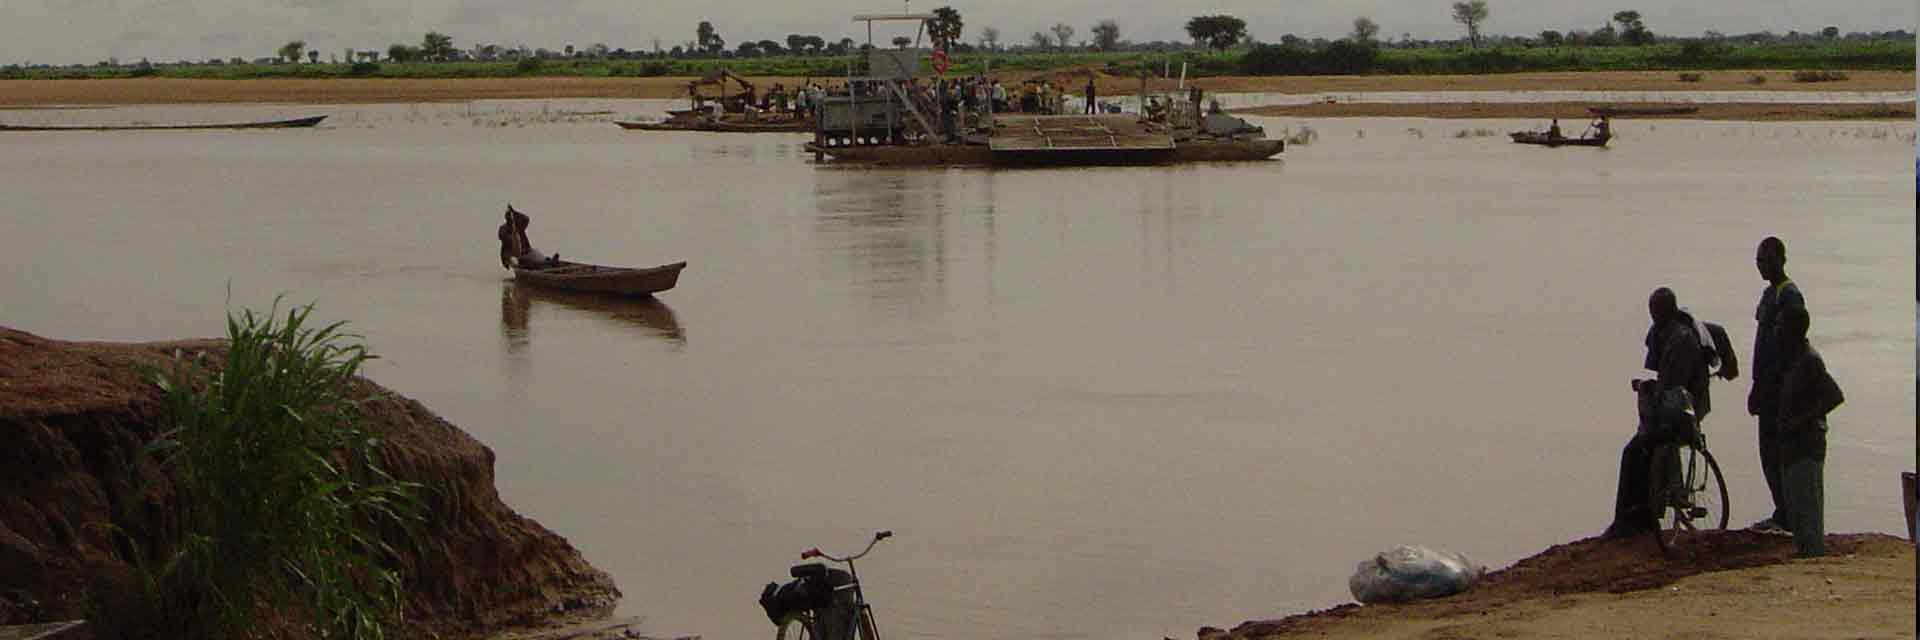 Trasiego comercial en el rio Logone Chad